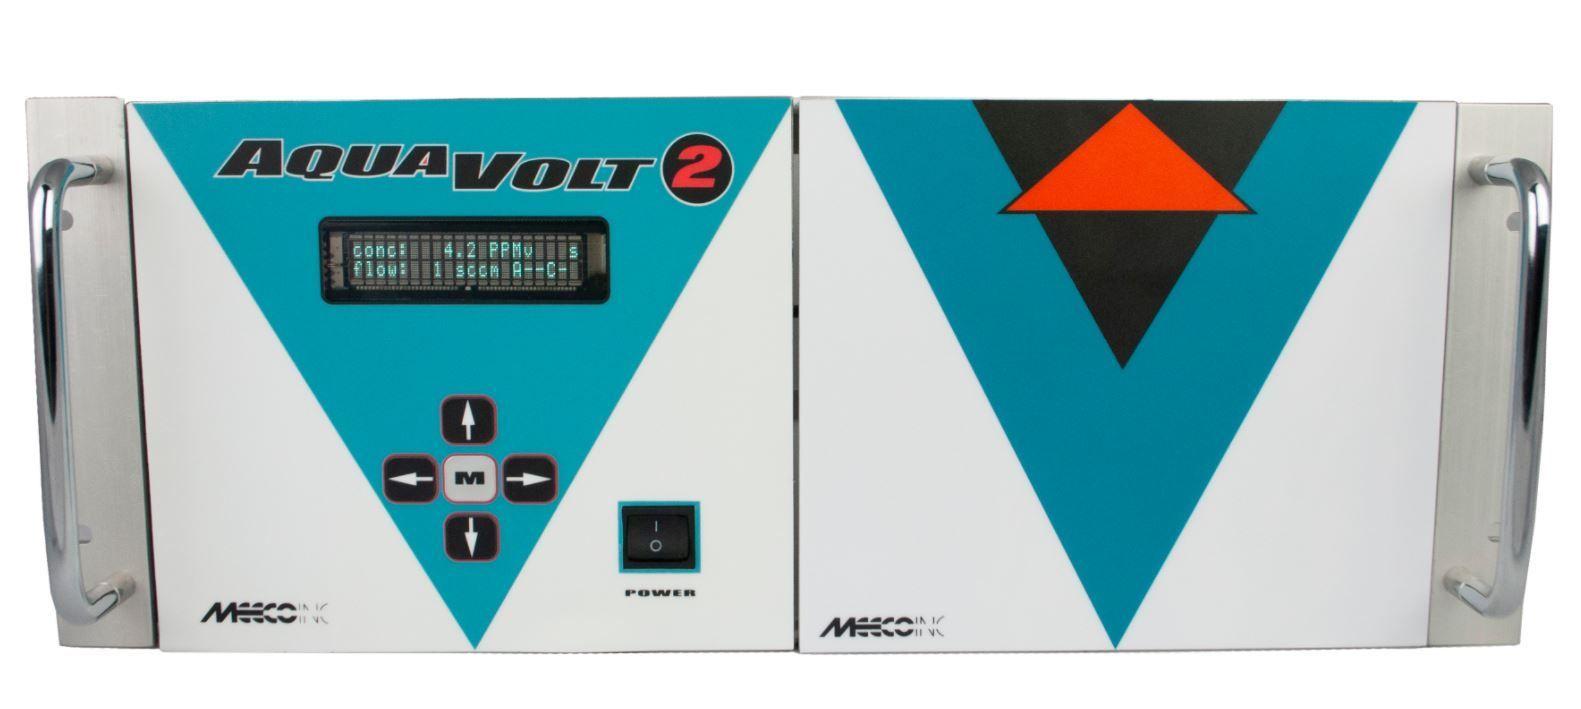 MEECO, Inc AquaVolt 2: Precision Moisture Analyzers